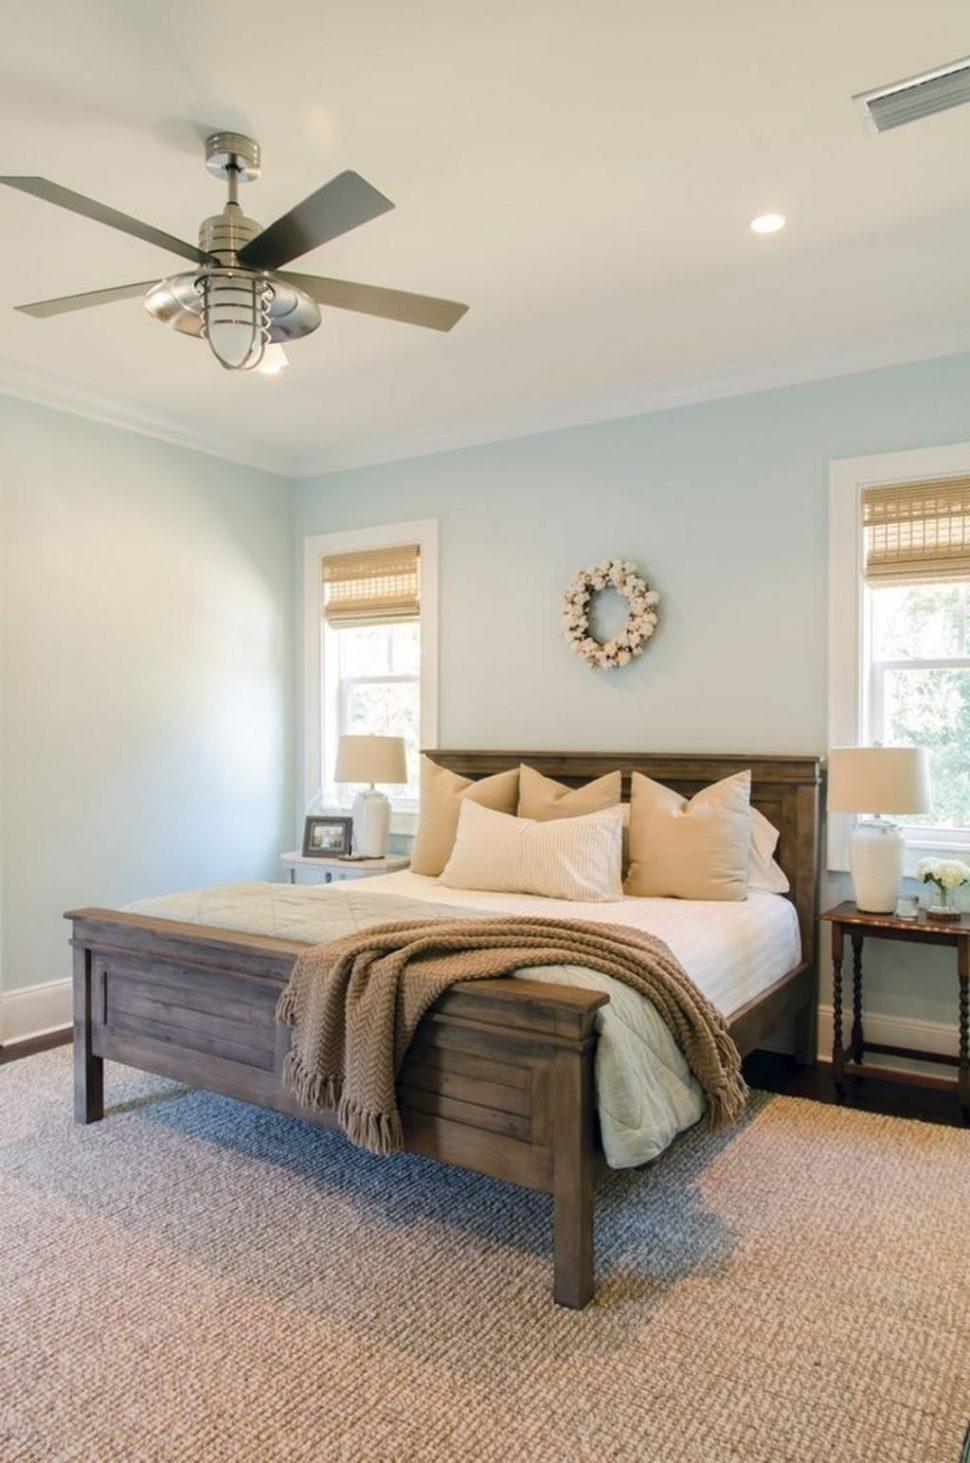 Simple Bedroom Ideas bedroom:90955 furniture fancy simple bedroom decor 25 best bedrooms ideas  plus winning pictures ZMWZISM